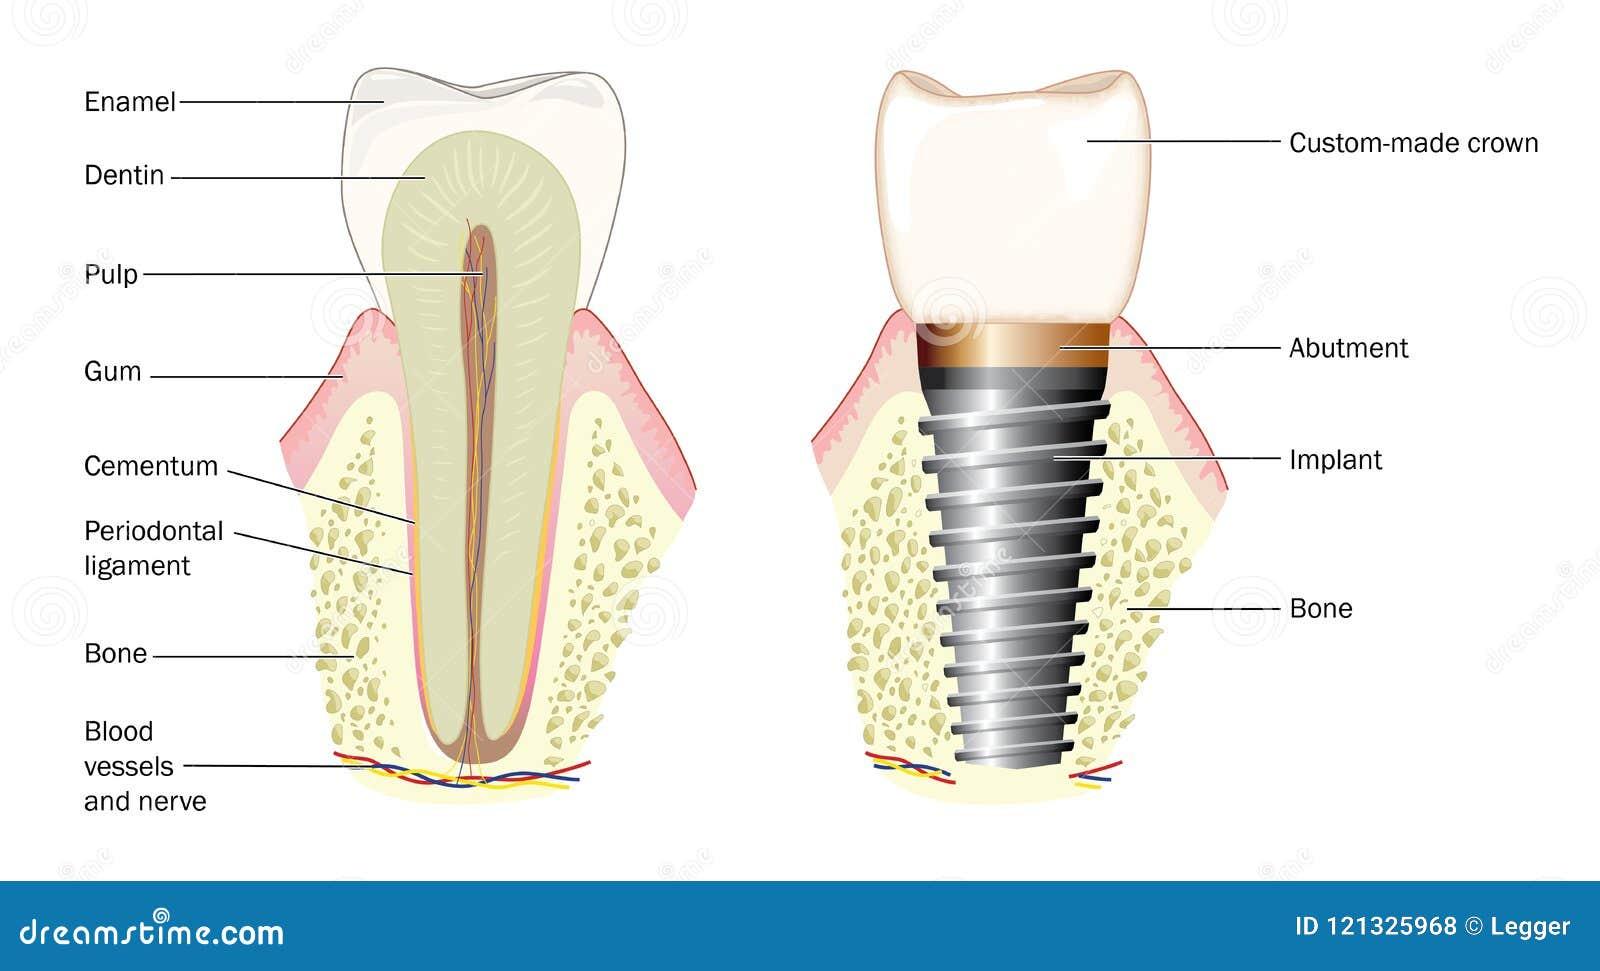 Anatomie Eines Zahnes Und Des Zahnimplantats Vektor Abbildung ...